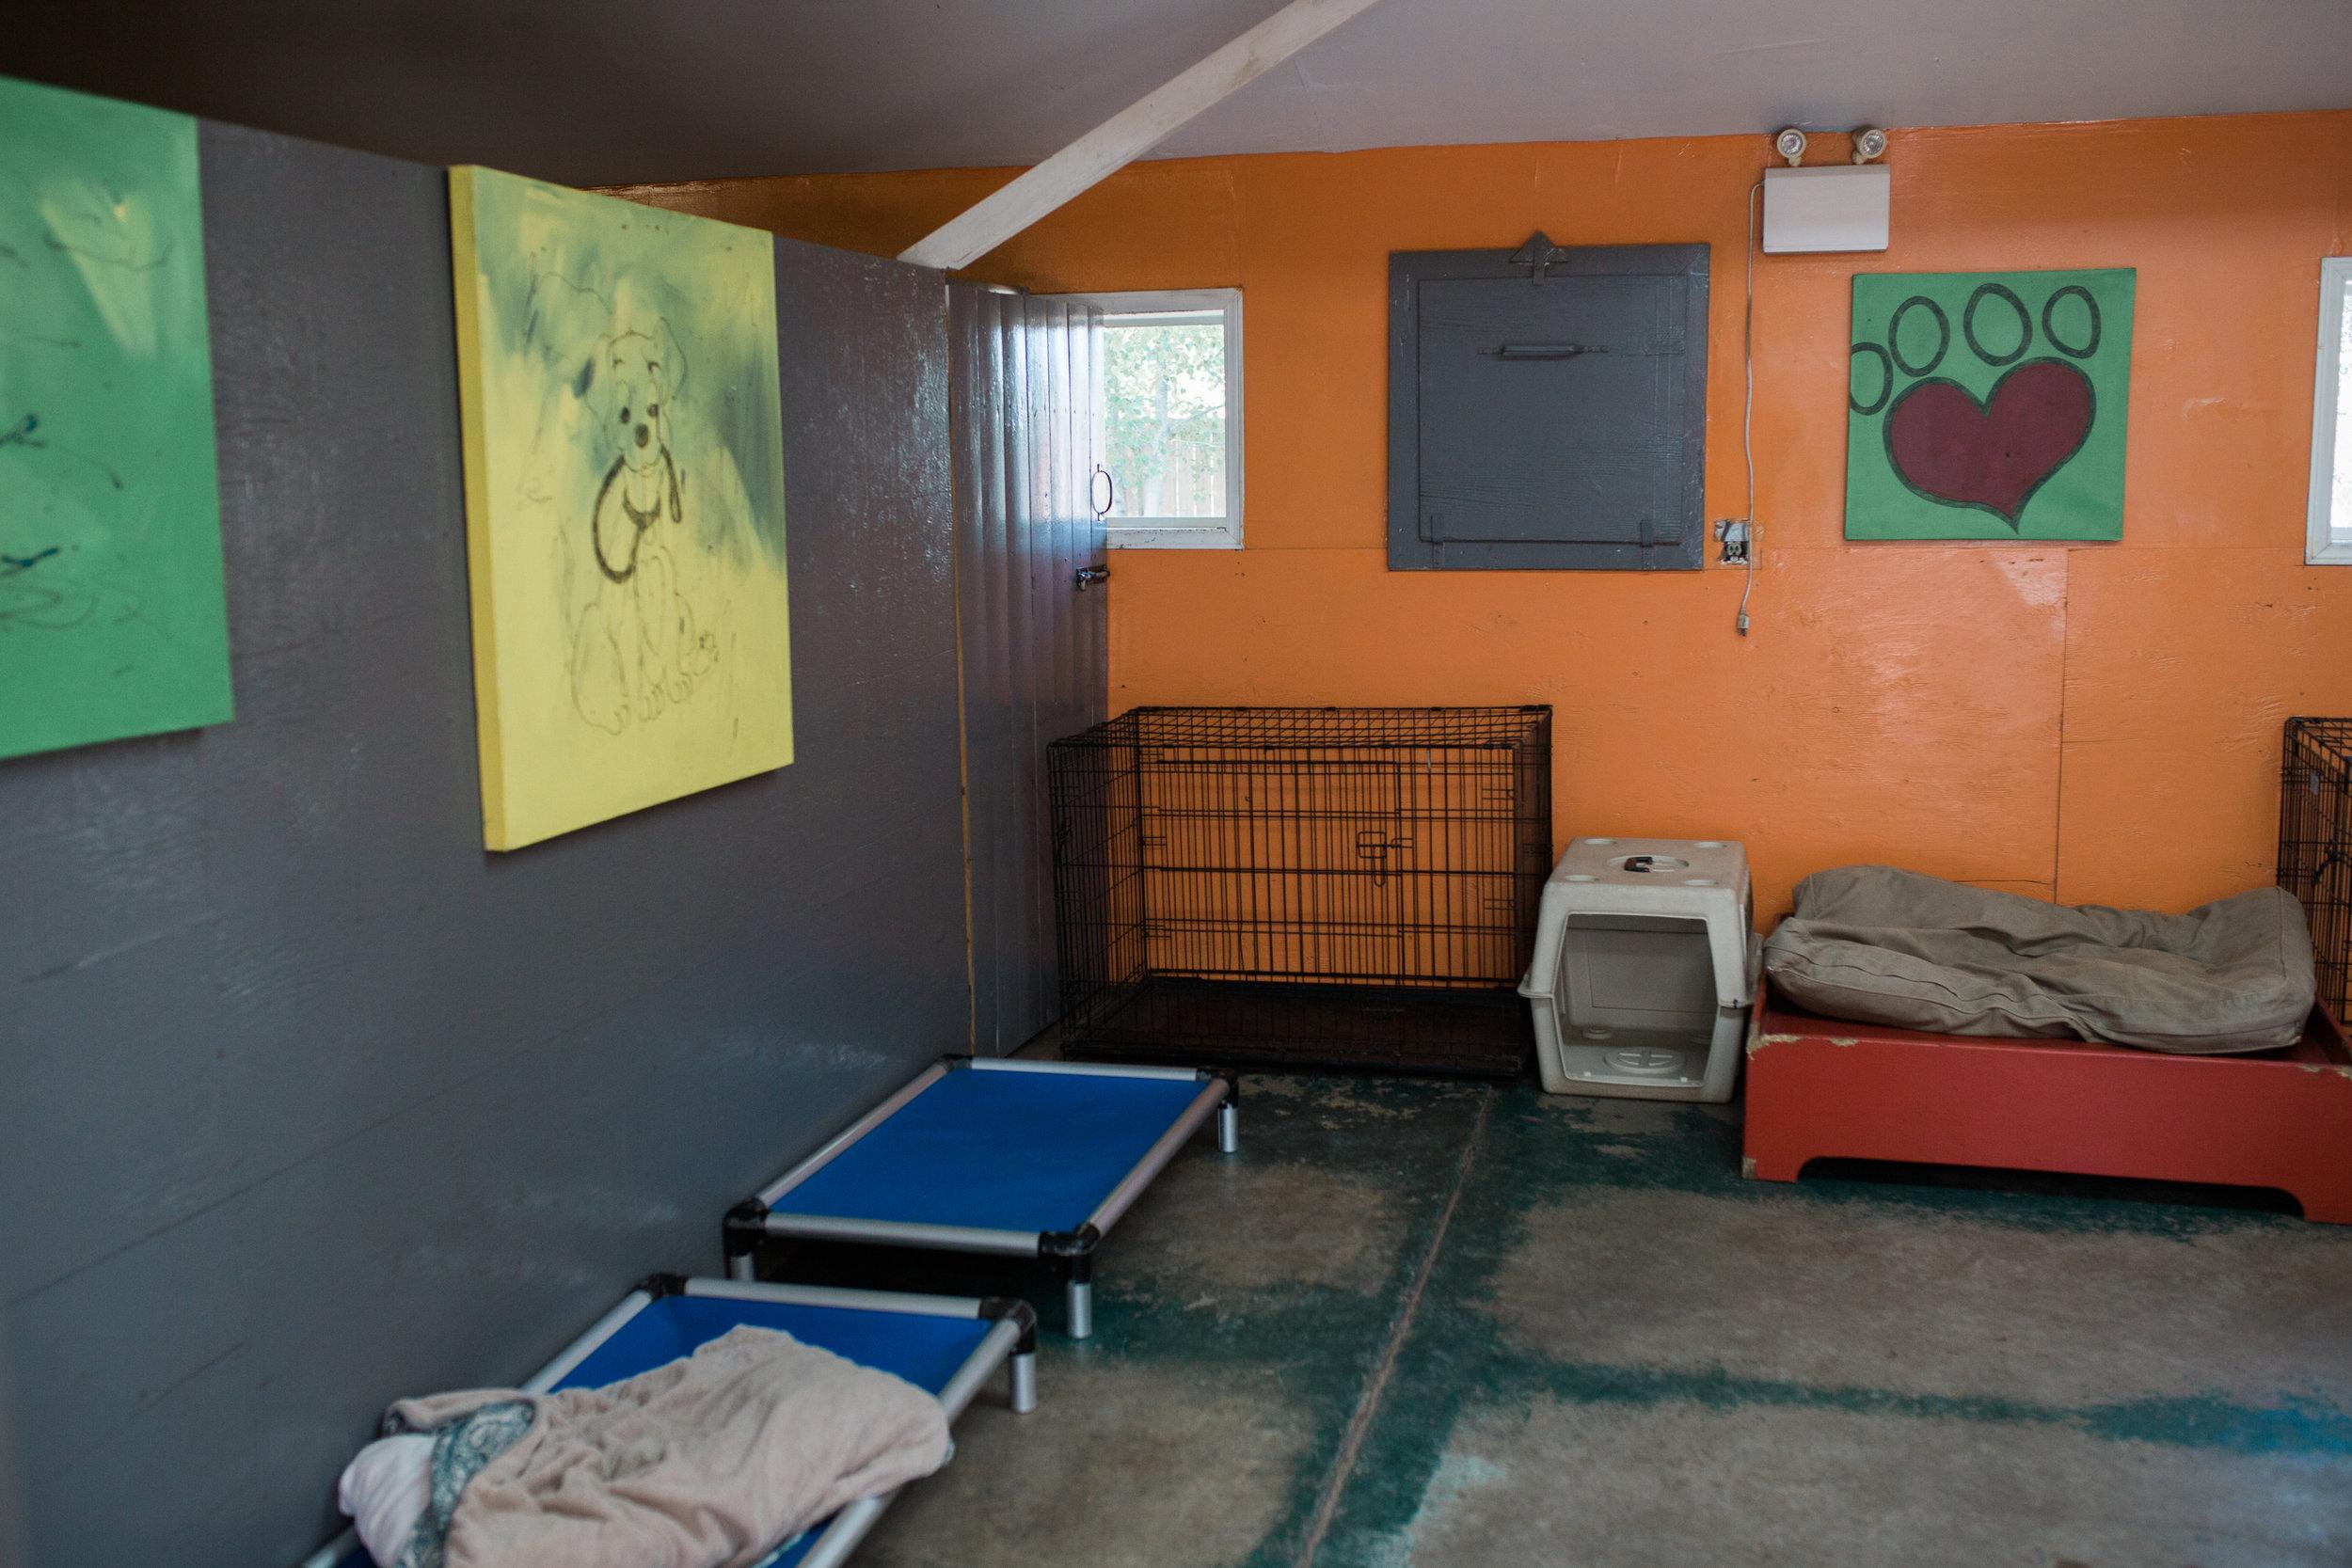 BarkingGood-Facility-35.jpg